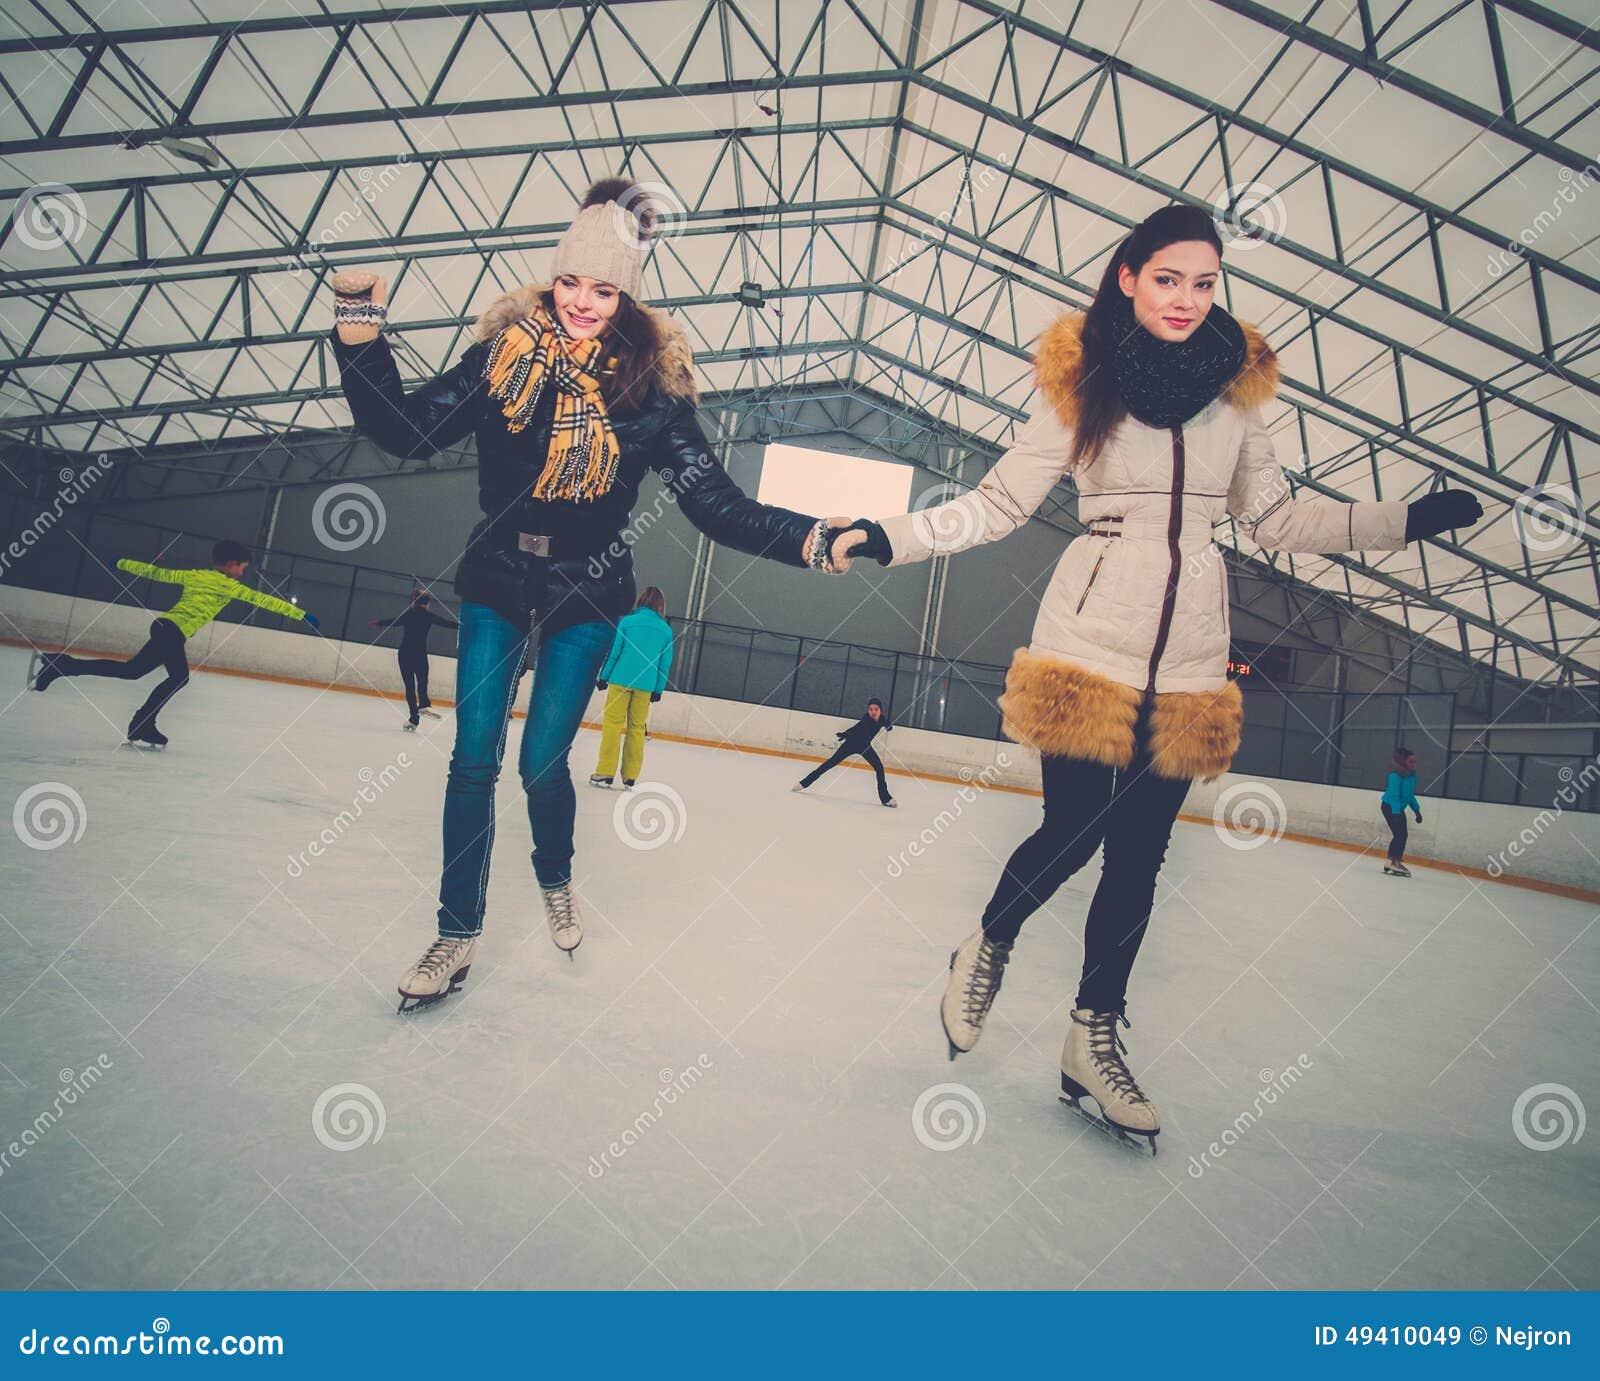 Download Mädchen Auf Dem Schlittschuh Laufen Der Eisbahn Stockbild - Bild von kleid, innen: 49410049